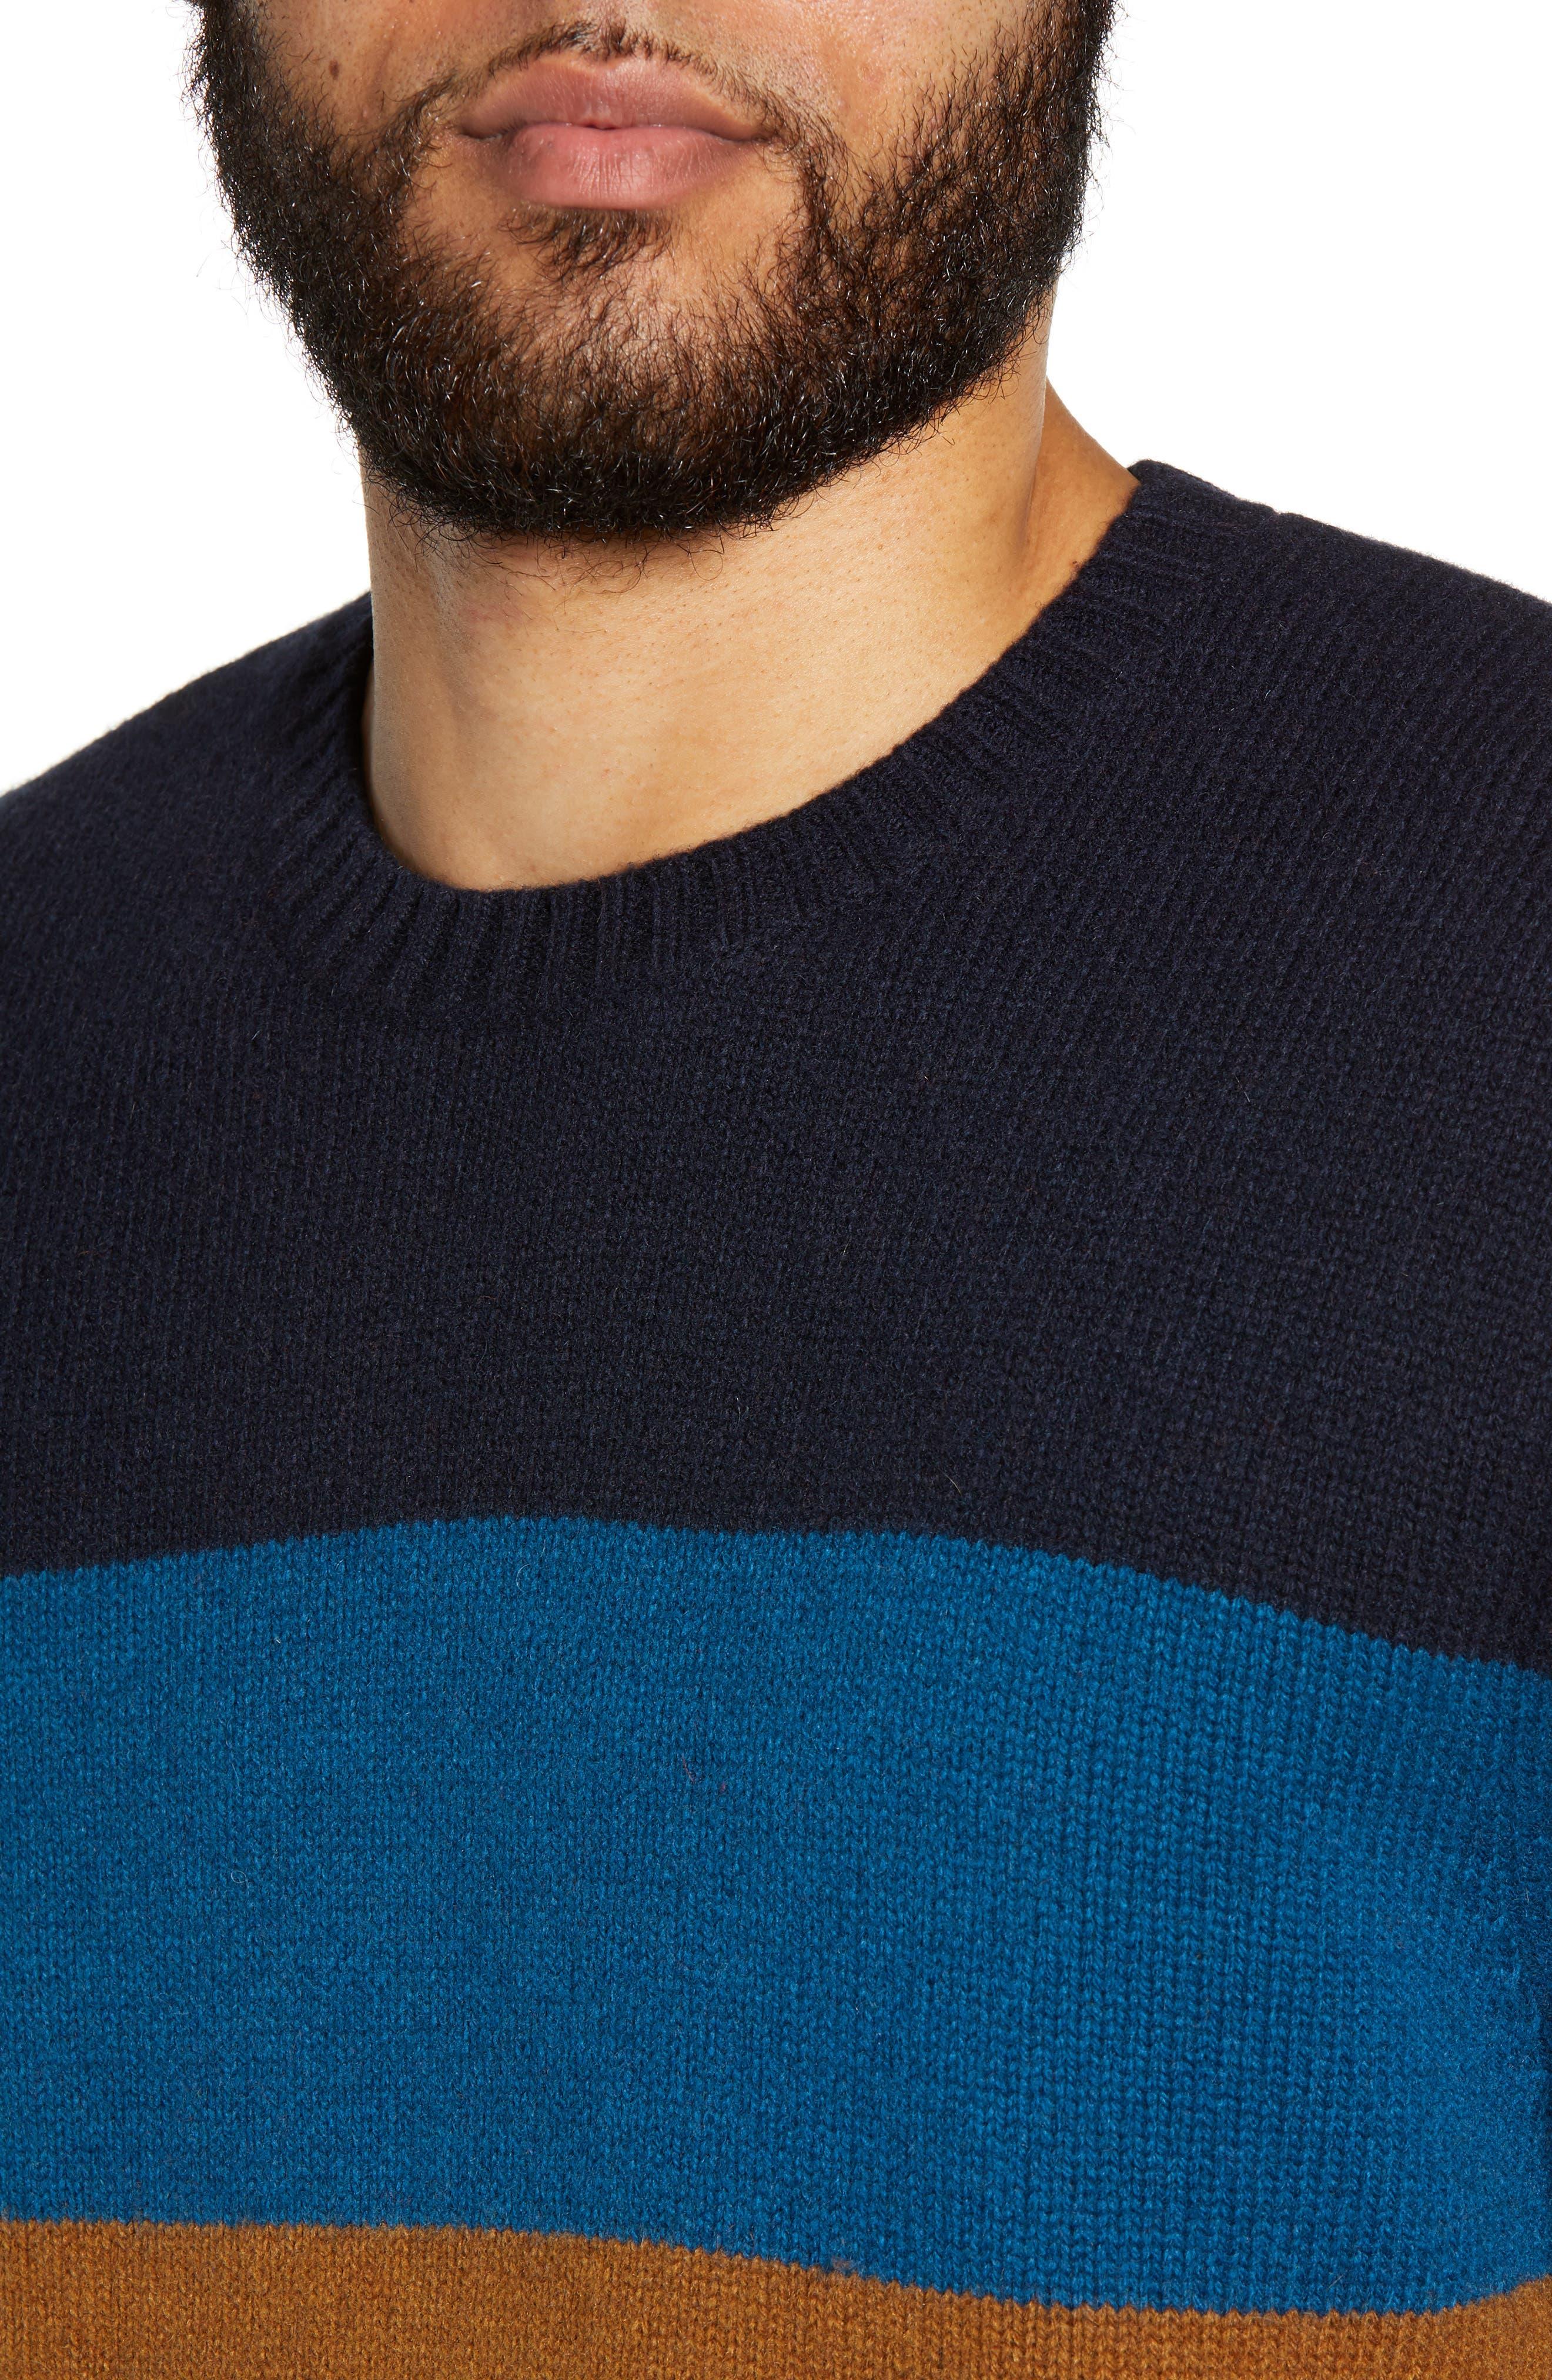 Goldner Stripe Wool Sweater,                             Alternate thumbnail 4, color,                             GOLD STRIPE DARK NAVY